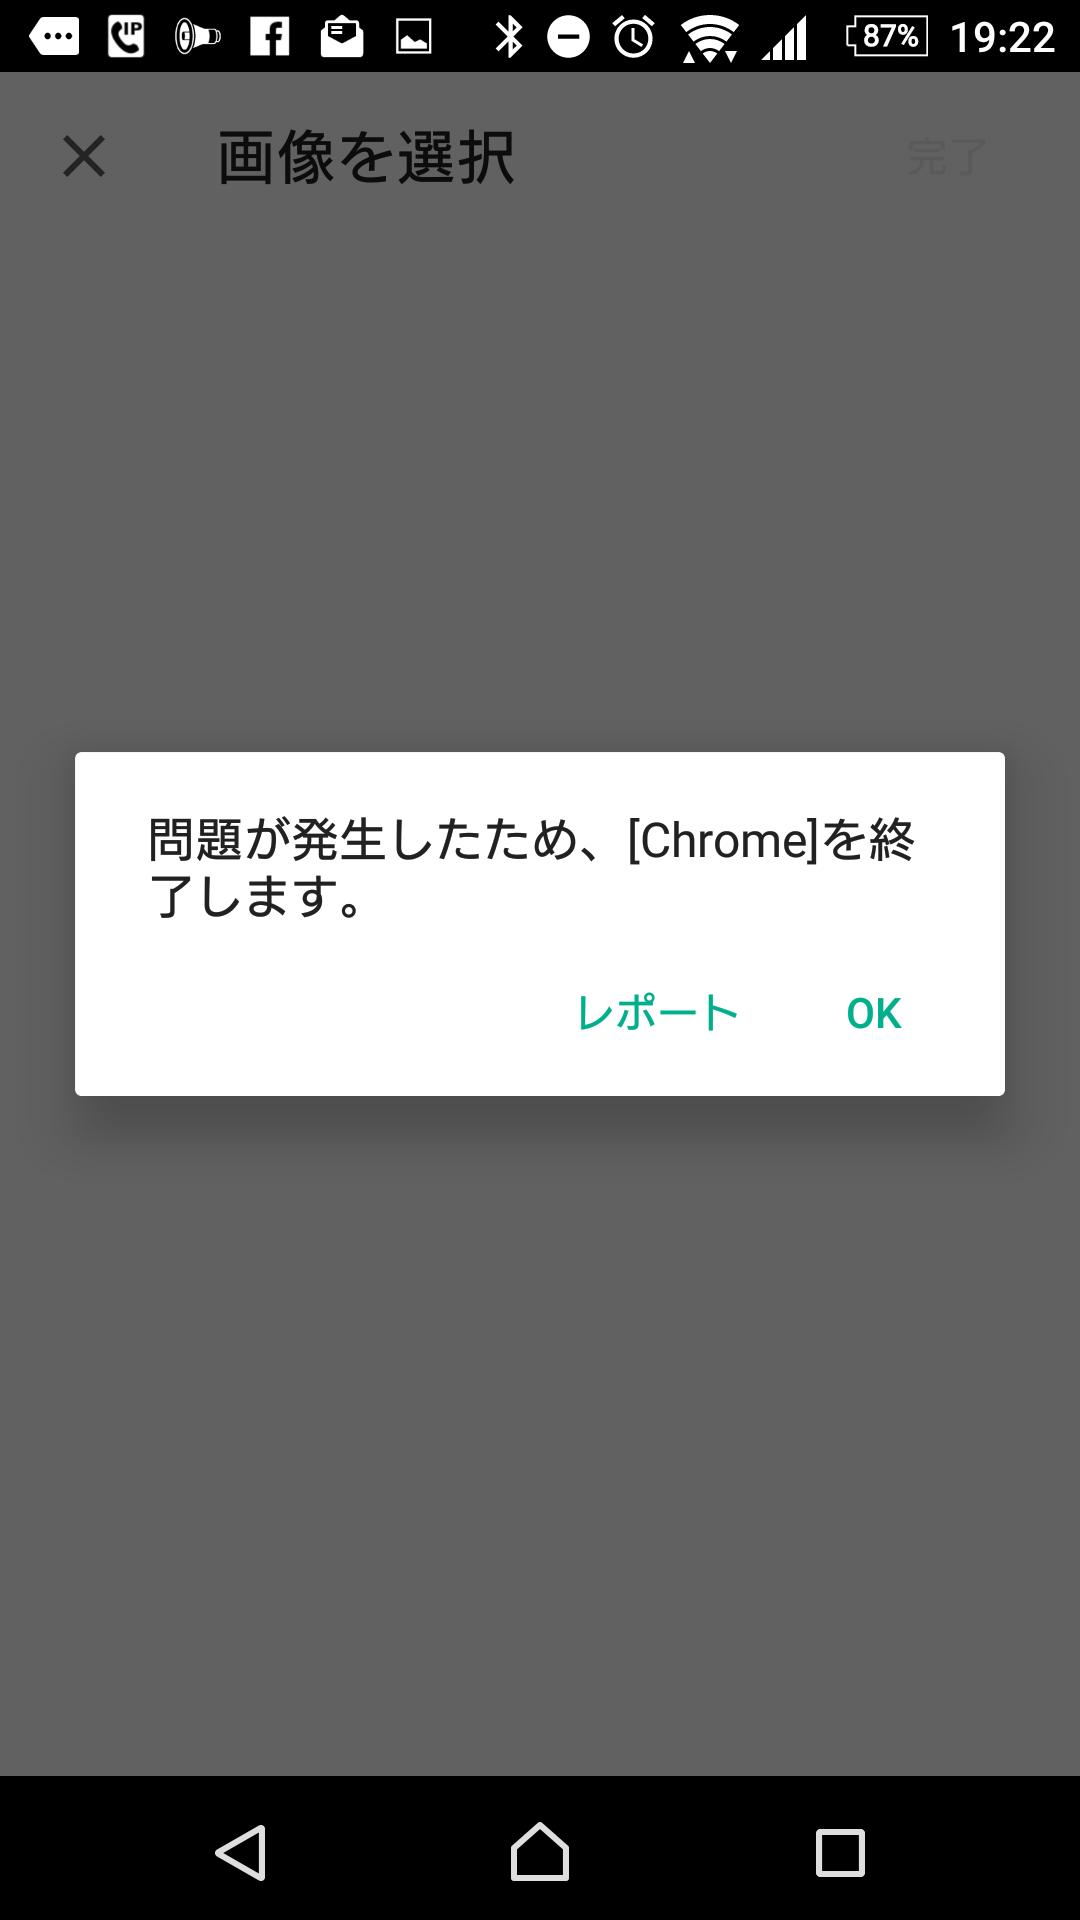 chrome クラッシュ